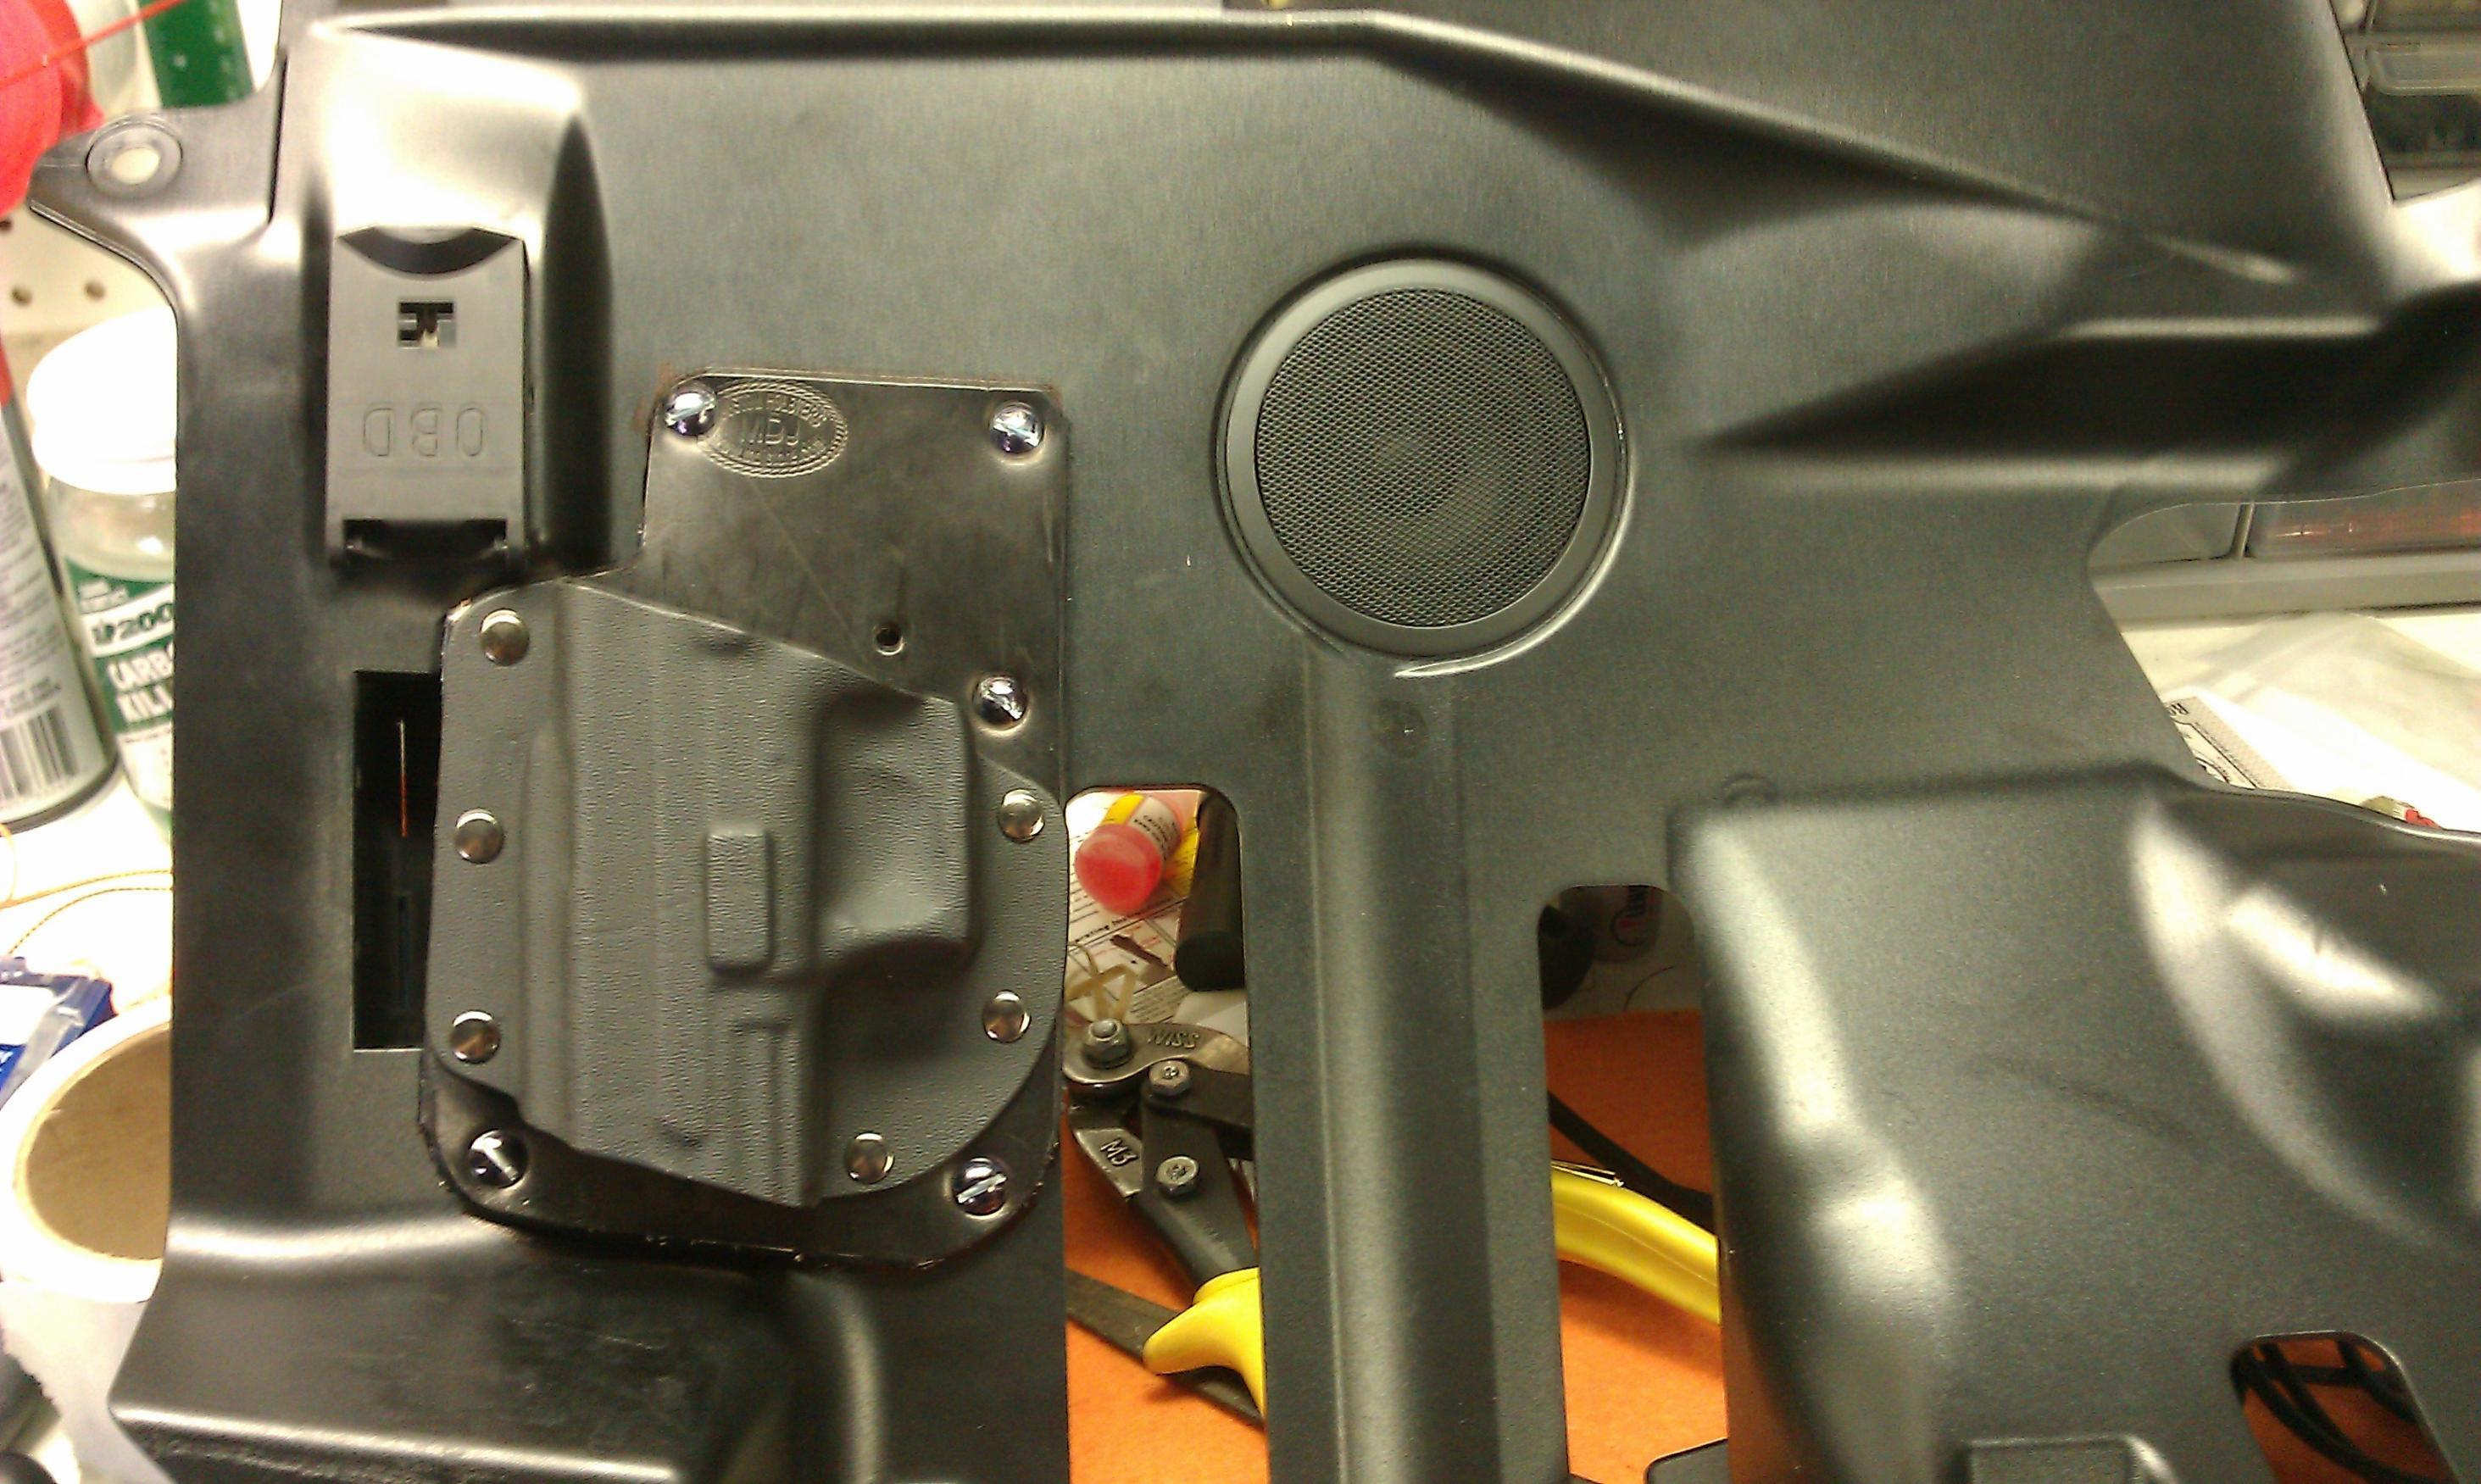 hidden pistol in car-imag0928.jpg